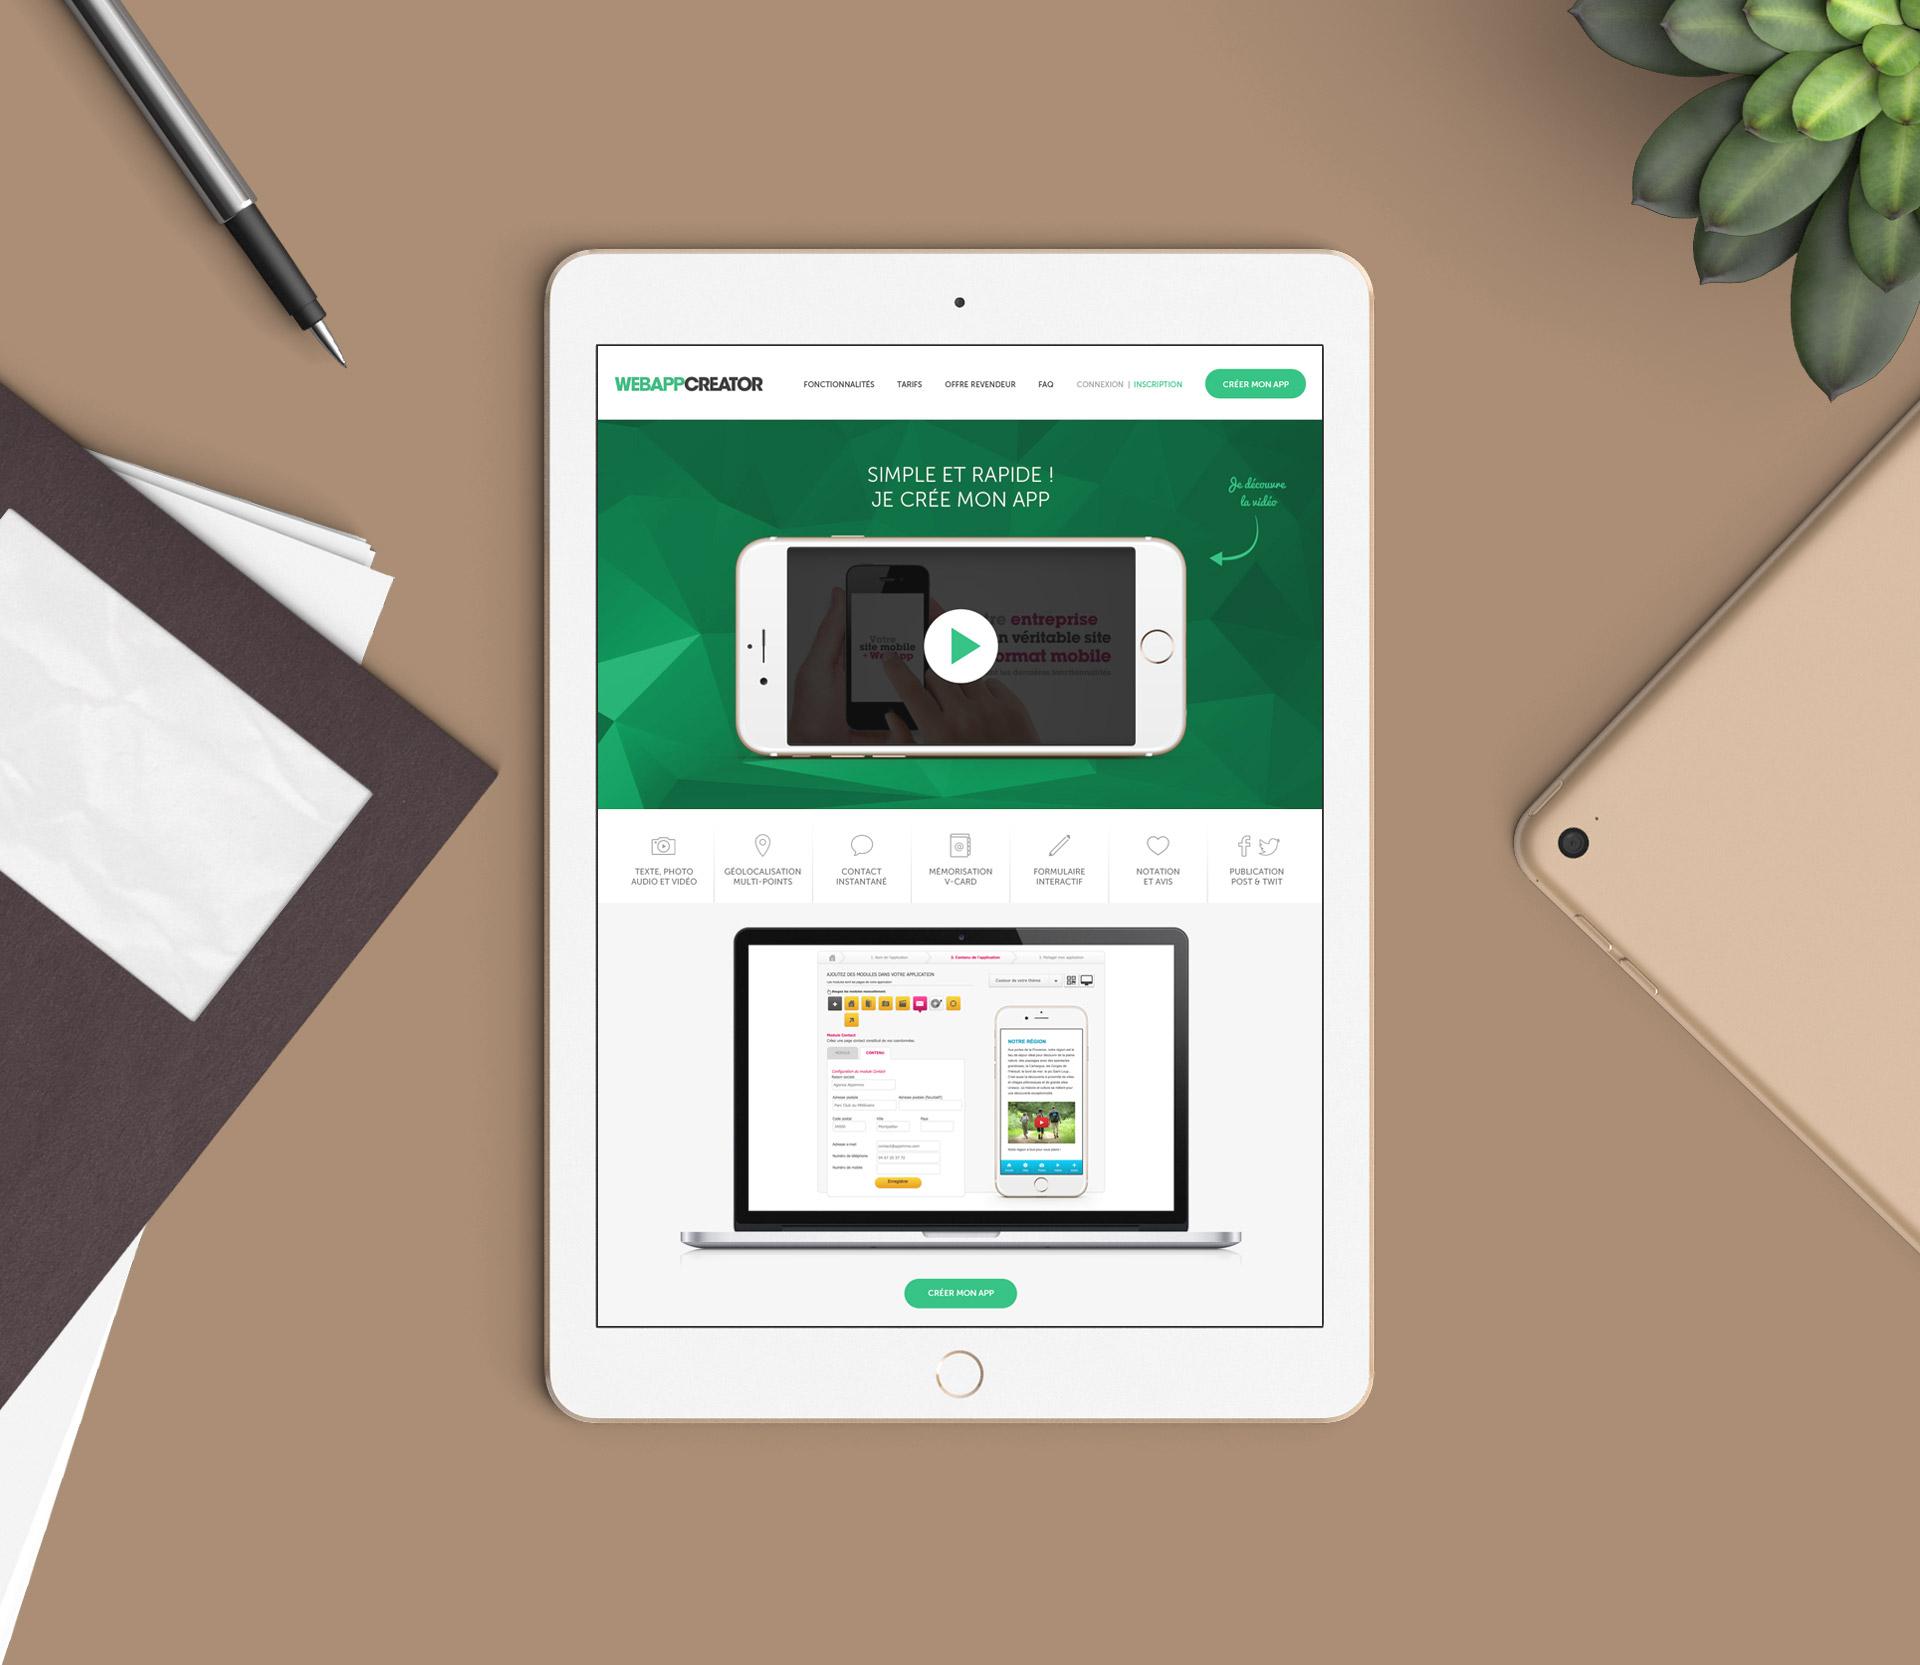 Création du design du module de configuration de l'application ou webapp